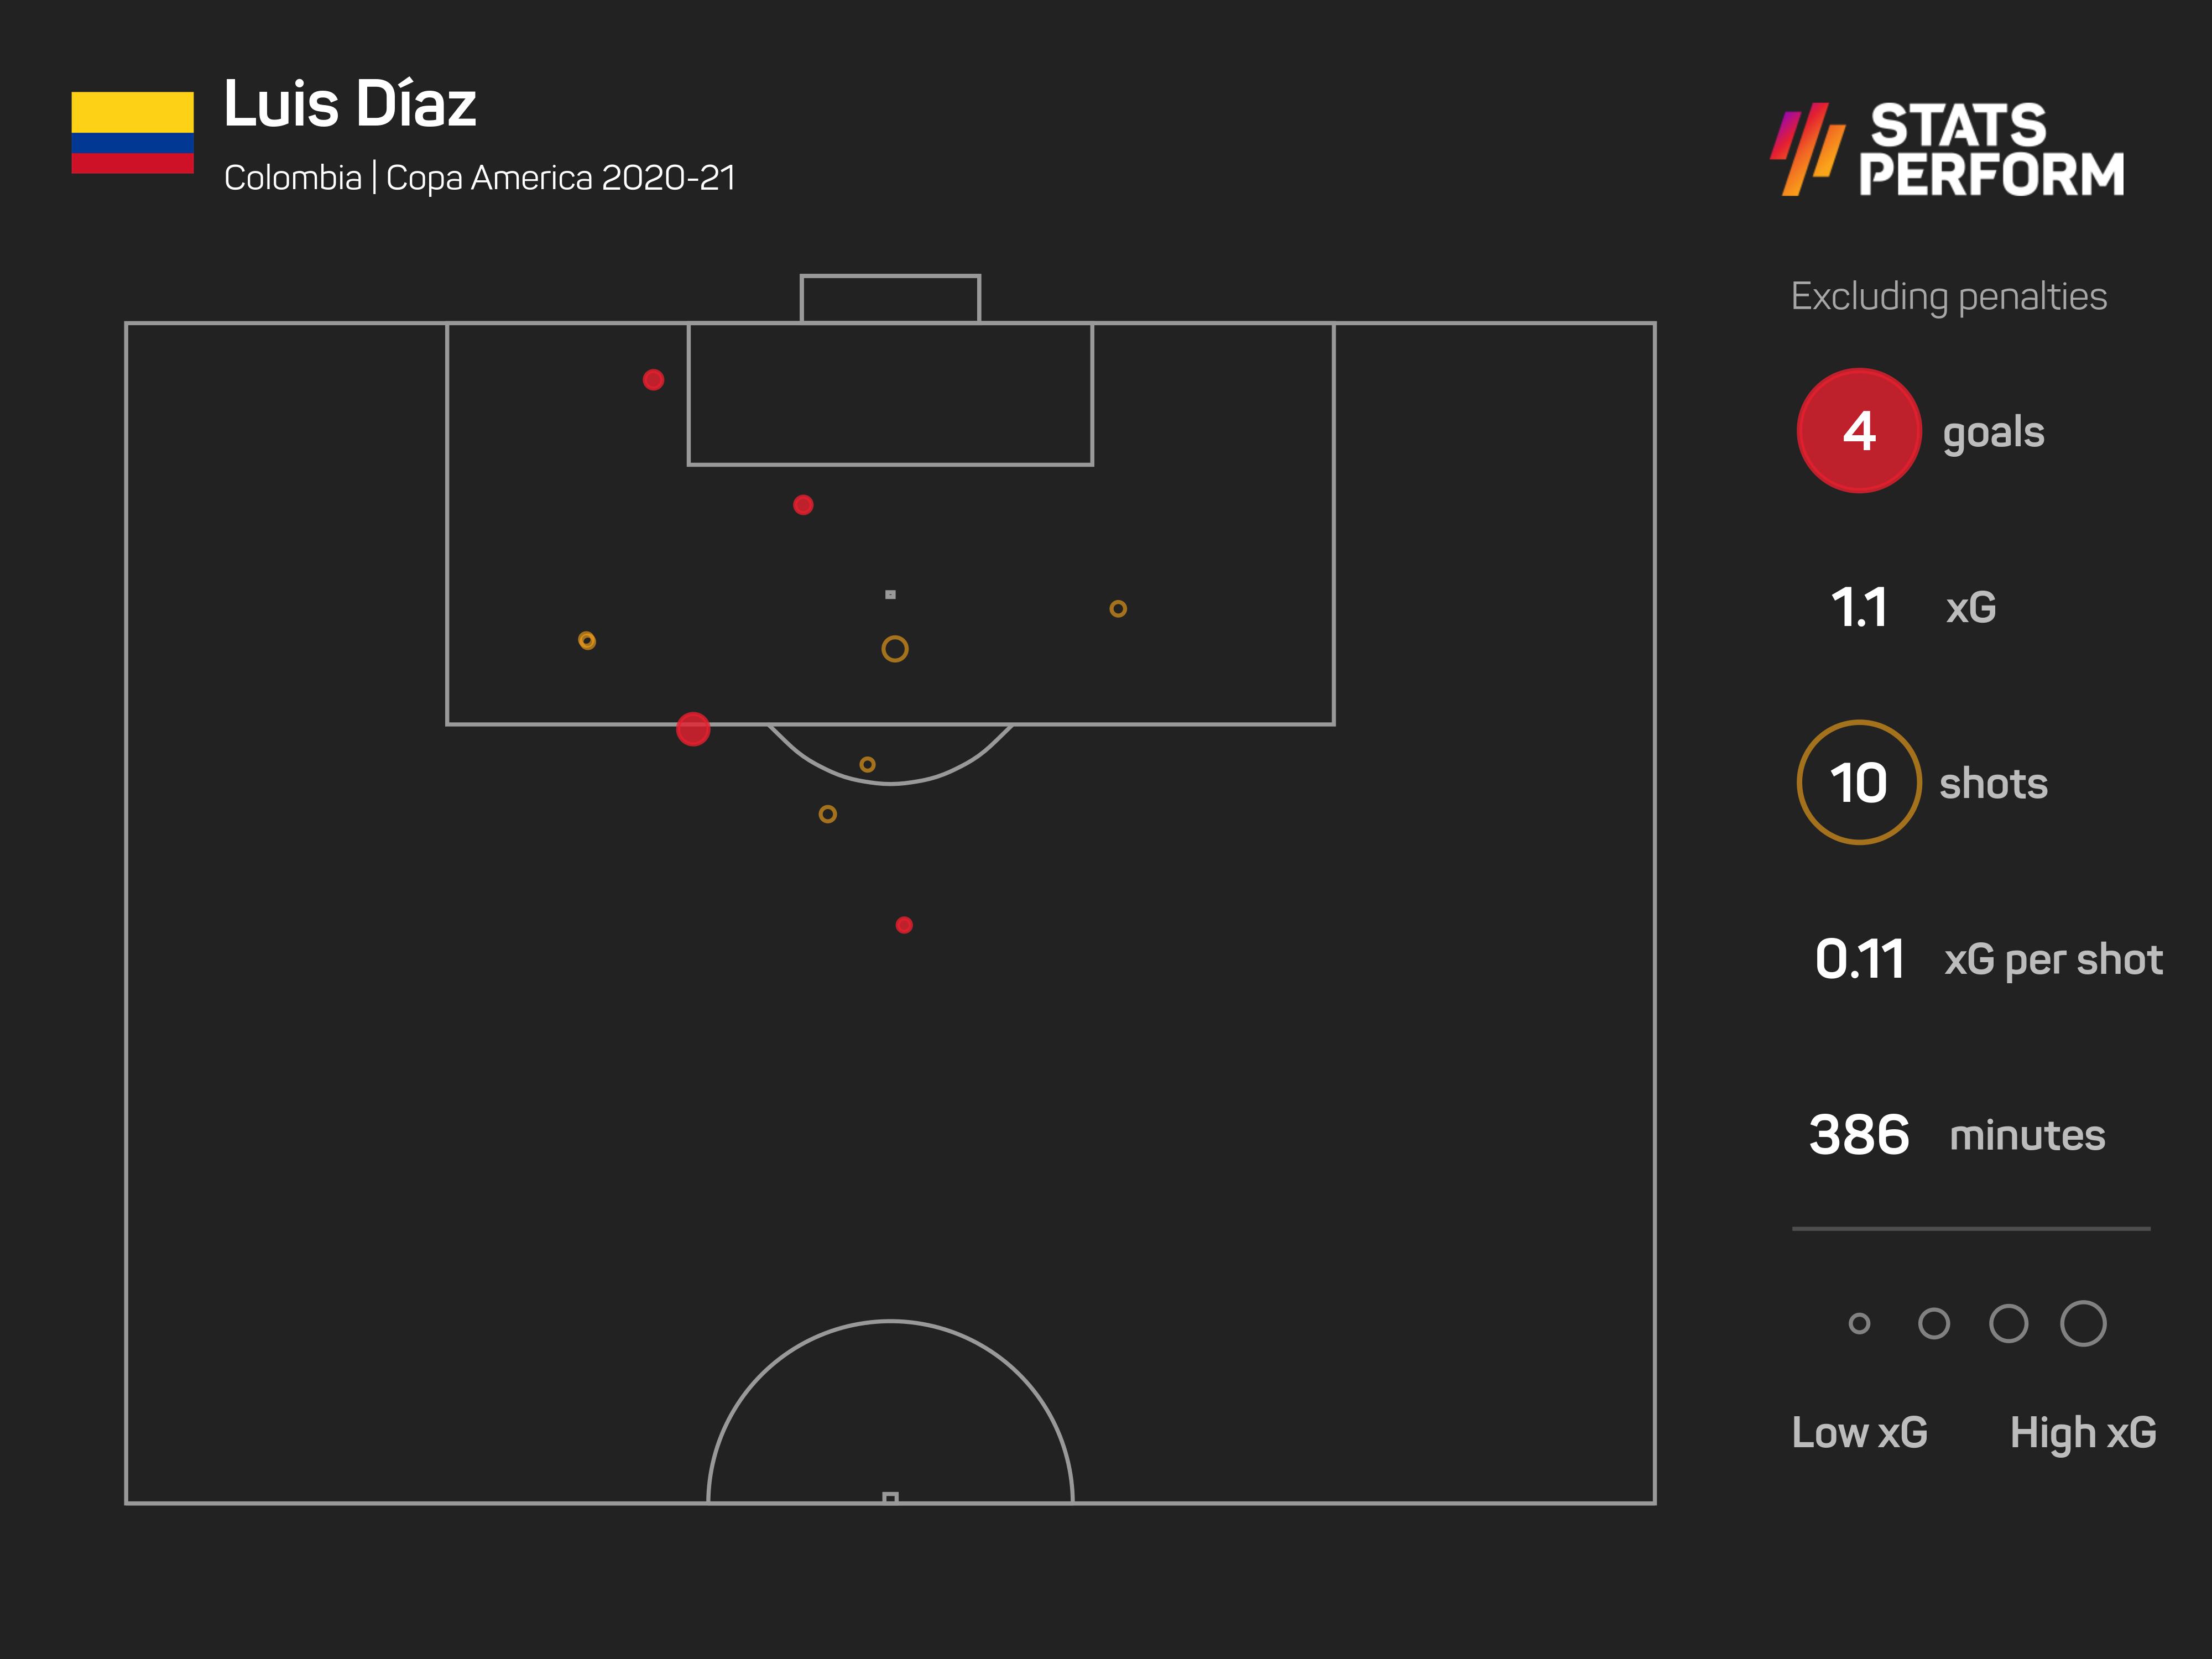 Luis Diaz scored some spectacular goals